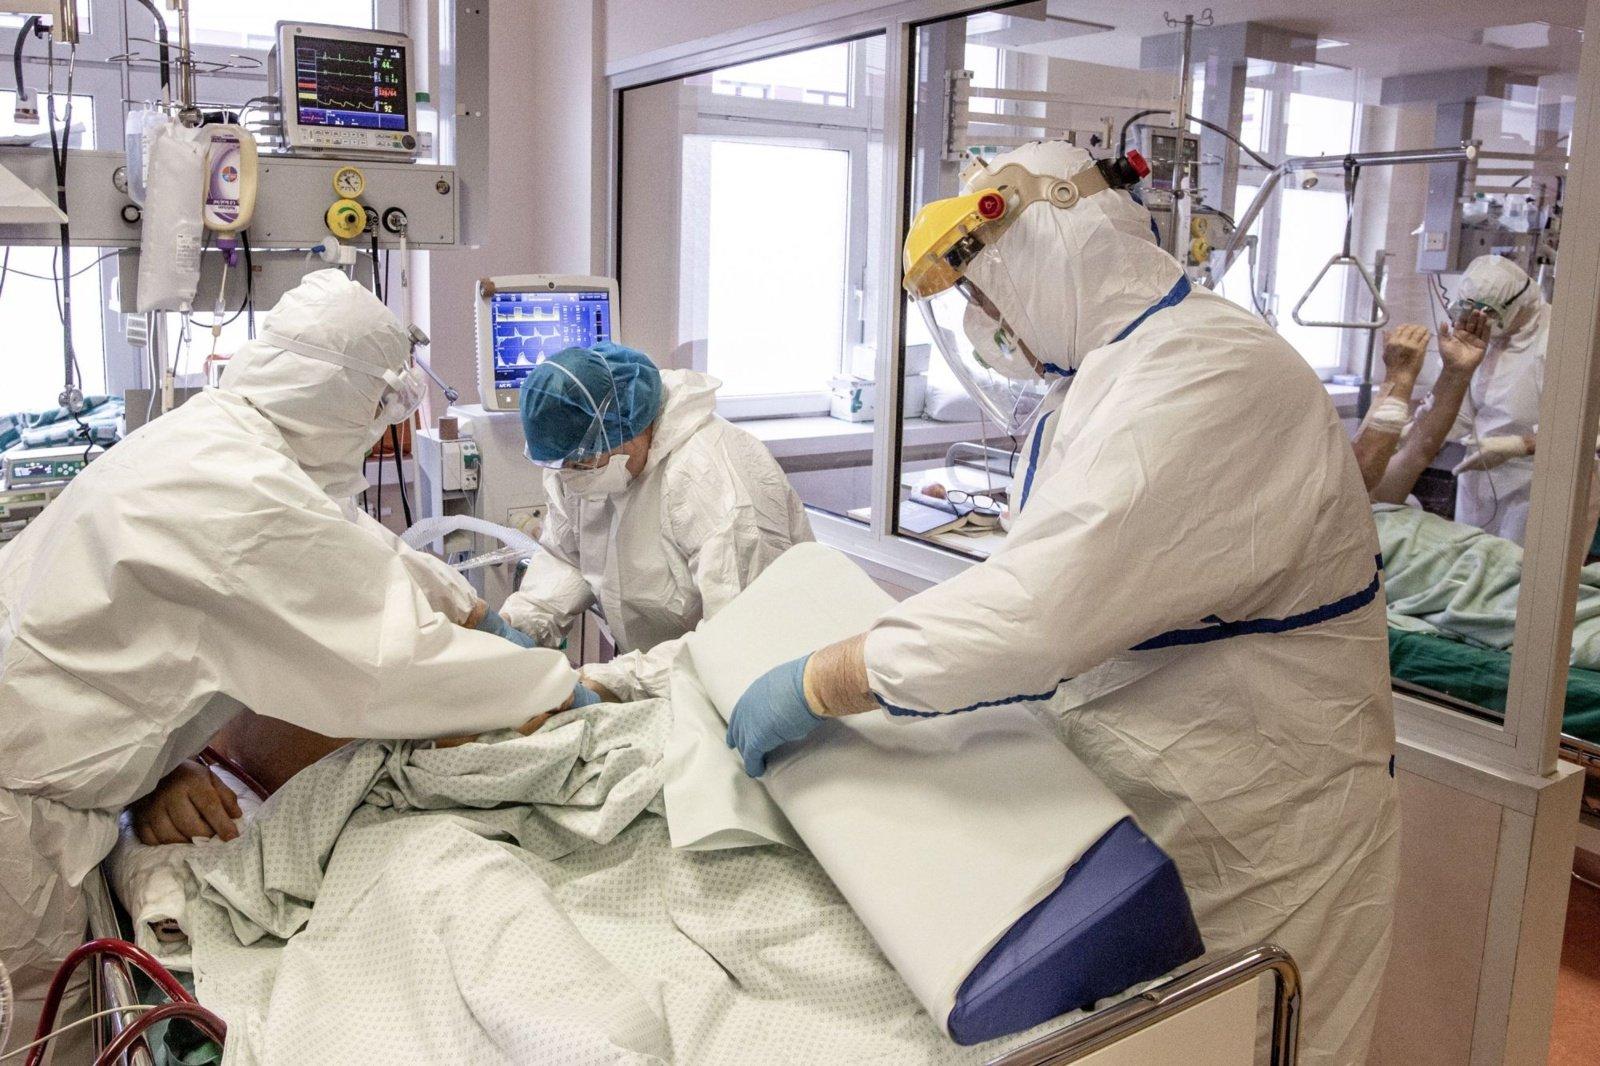 COVID-19 nėra tik kvėpavimo takų infekcija: virusas gali pažeisti ir smegenis